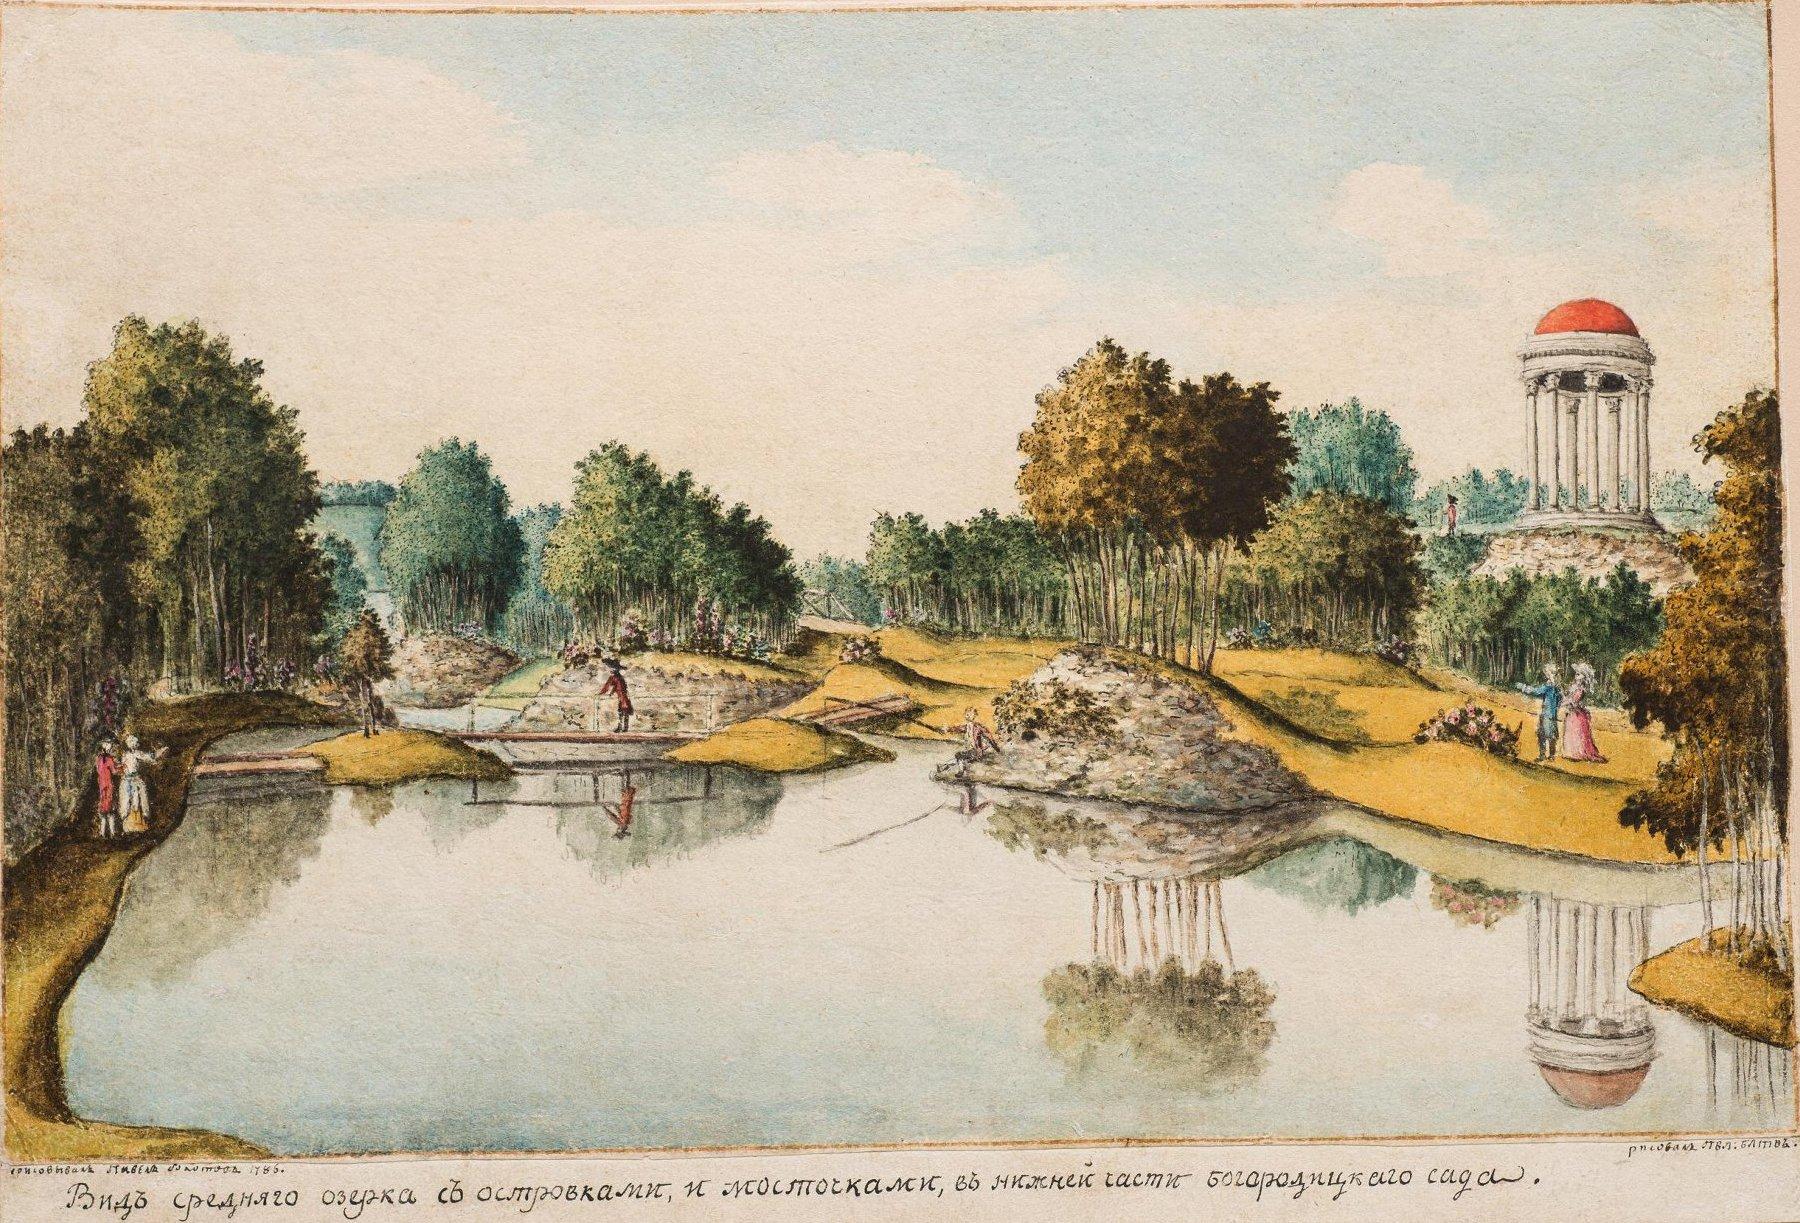 Вид на Средний пруд в нижней части Богородицкого парка (Вид среднего озерка с островками и мосточками в нижней части Богородицкого сада)